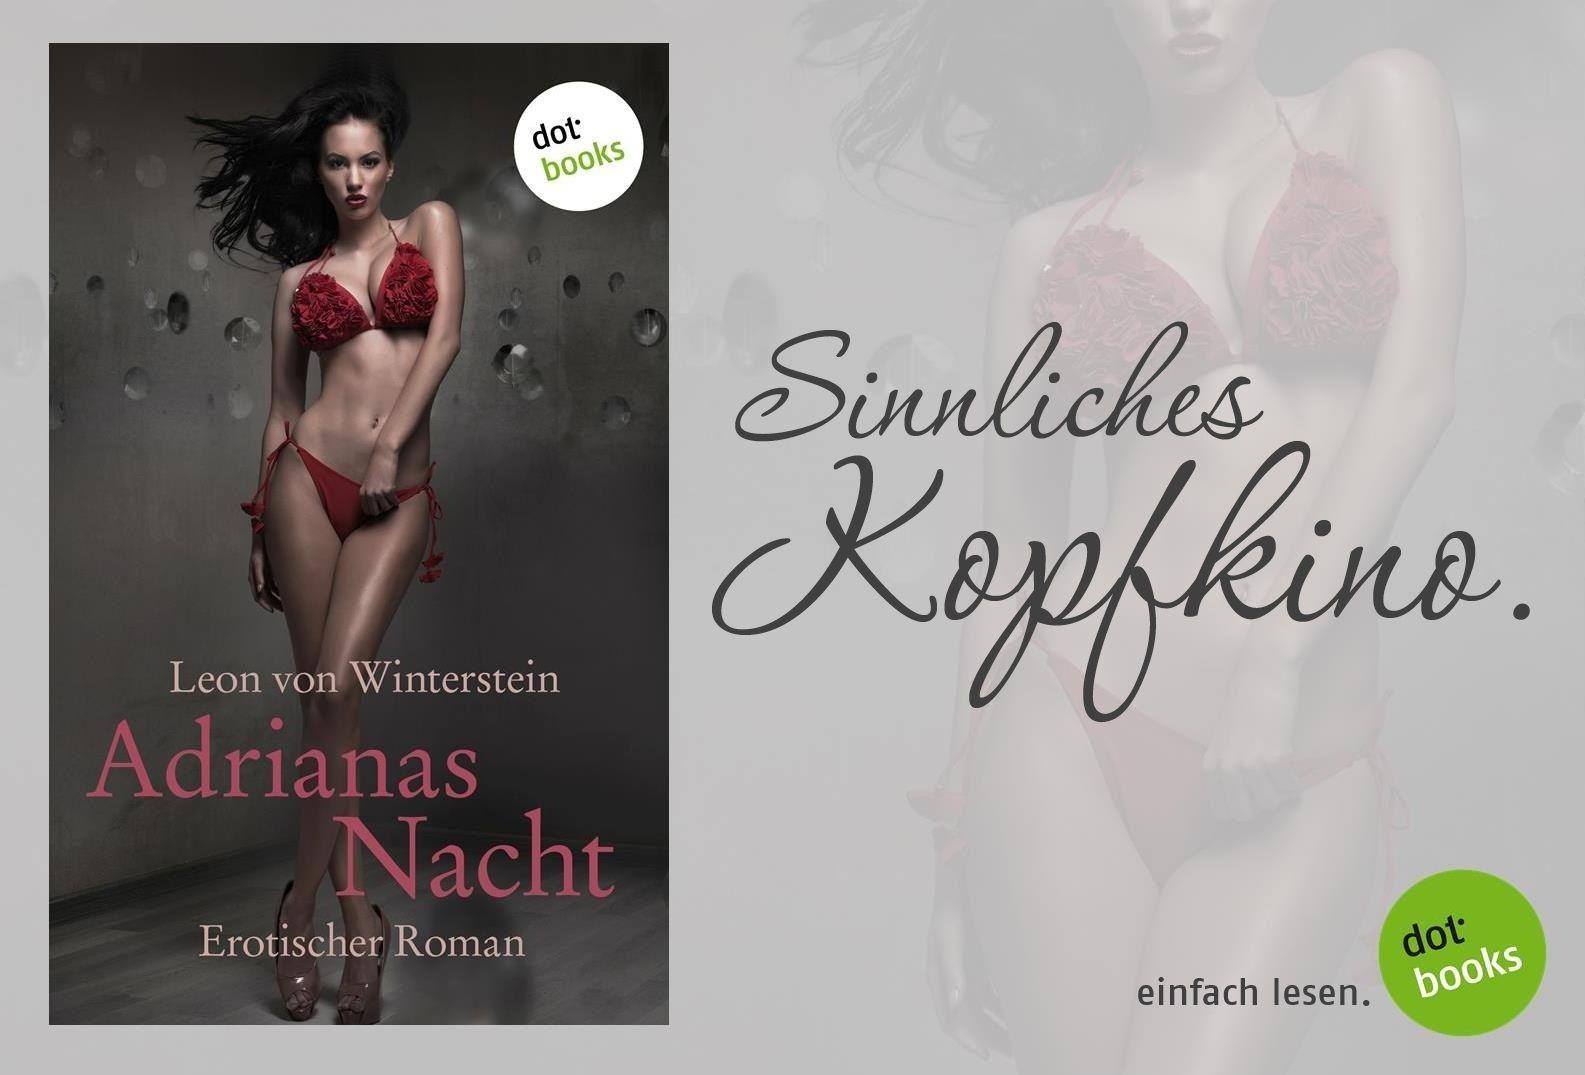 Ein erotischer Roman voller Zärtlichkeit und Liebe - erfahre hier mehr über ADRIANAS NACHT von Leon v. Winterstein: http://www.dotbooks.de/e-book/230513/adrianas-nacht